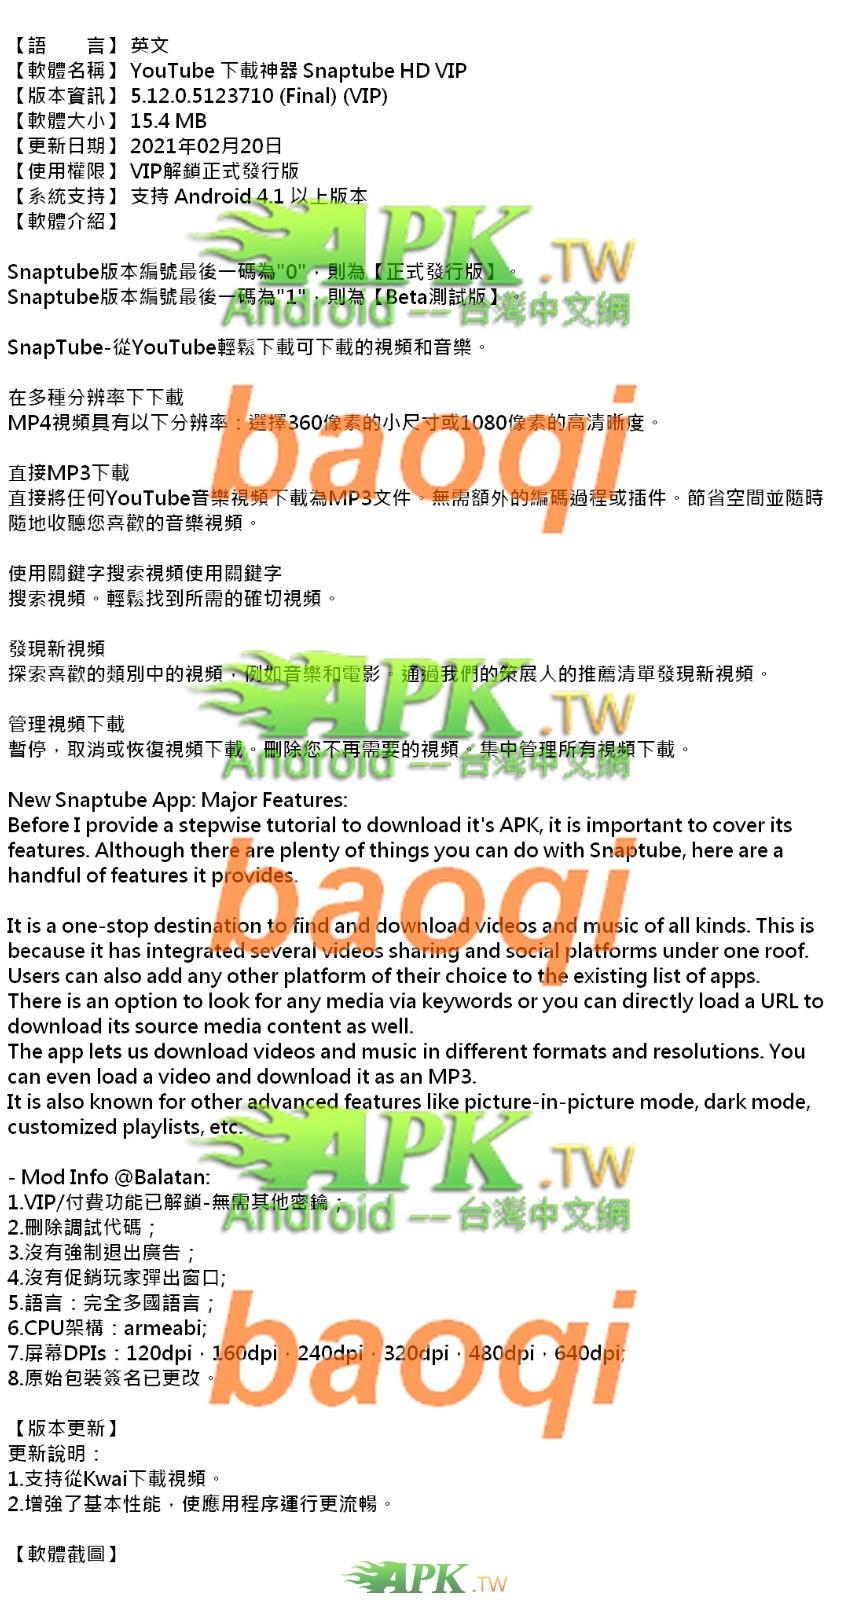 Snaptube_VIP_5.12.0.5123710 APK_.jpg